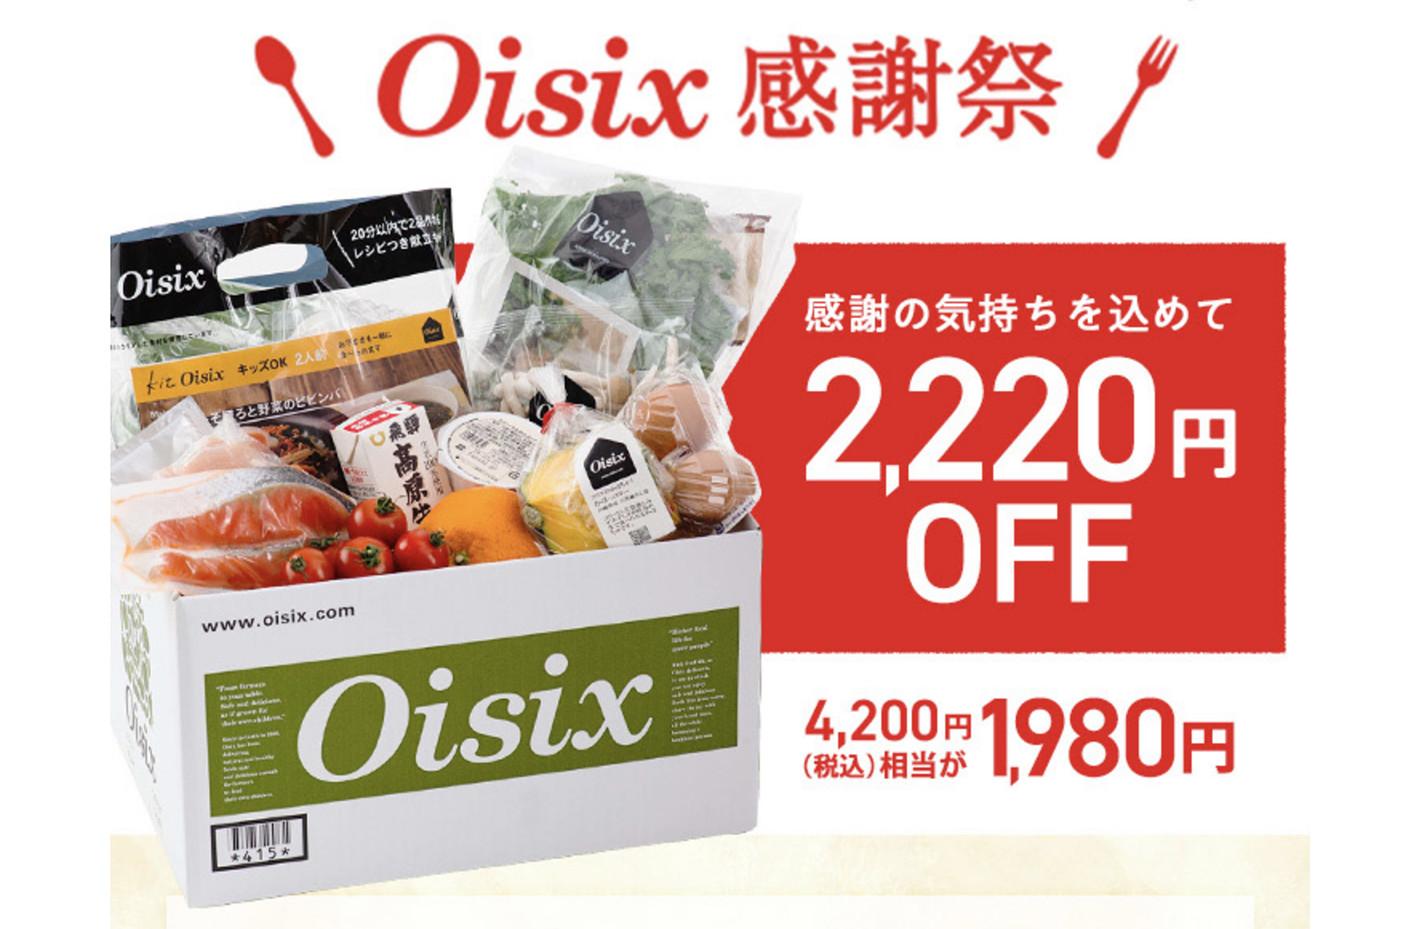 オイシックス20周年の記念キャンペーン